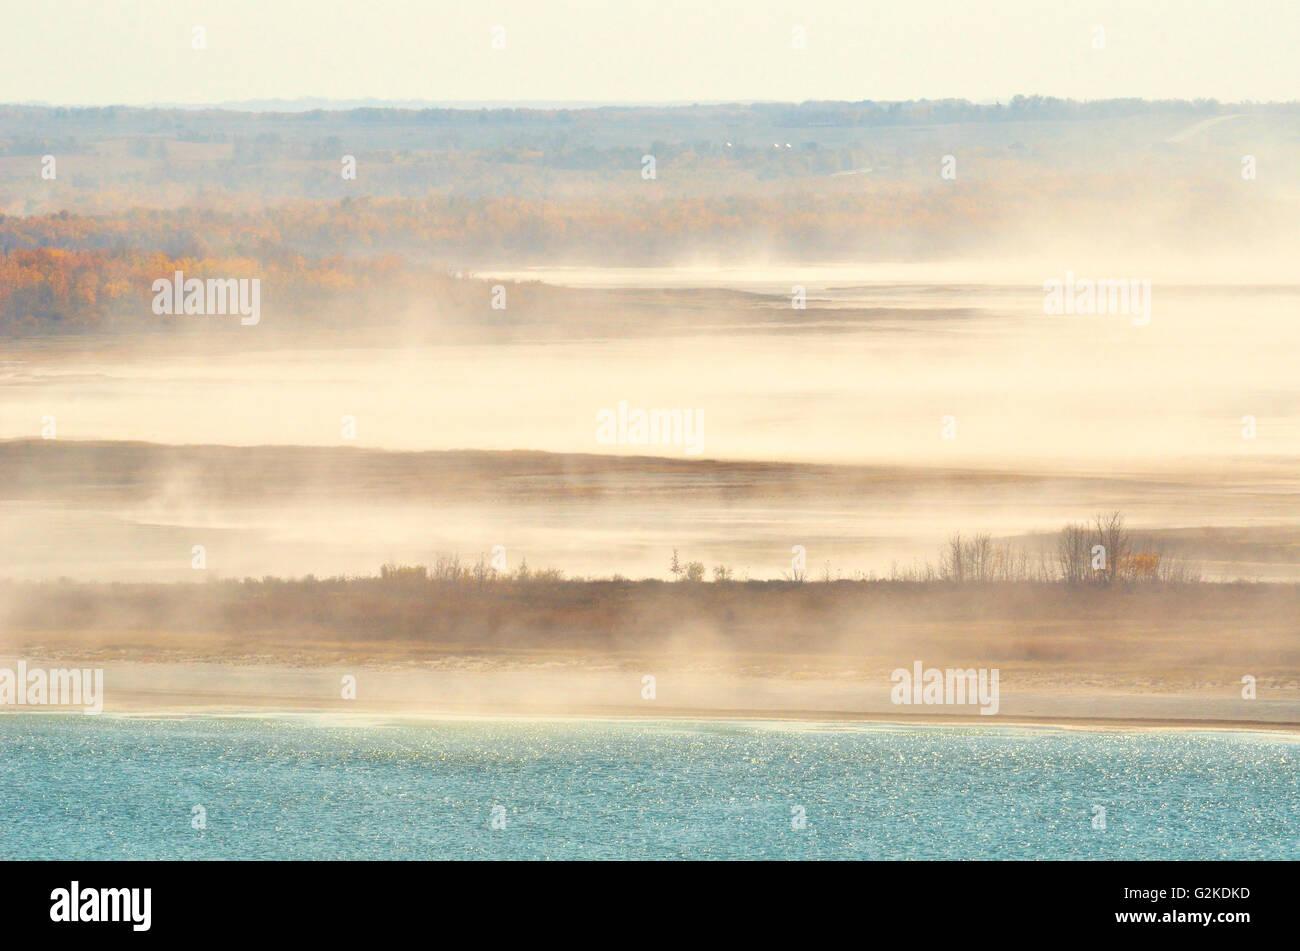 Wind, die salzhaltige Staub aus Kochsalzlösung Abholung Schorfe in der Nähe von Paynton Saskatchewan Kanada Stockbild